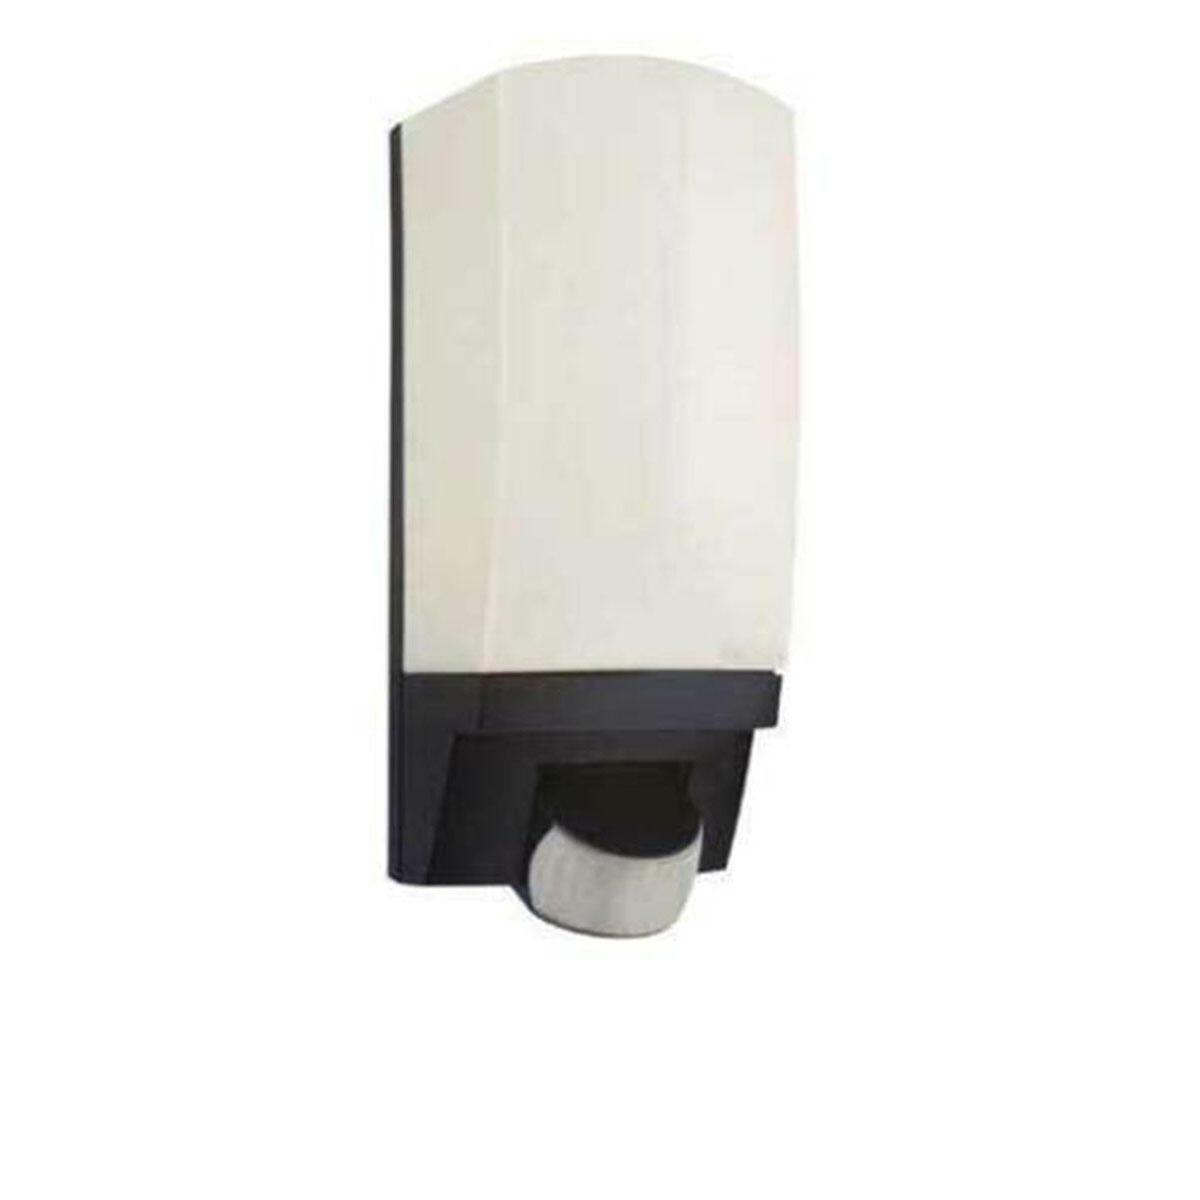 Applique L1 con sensore di movimento, nero, E27 MAX60W IP44 STEINEL - 3